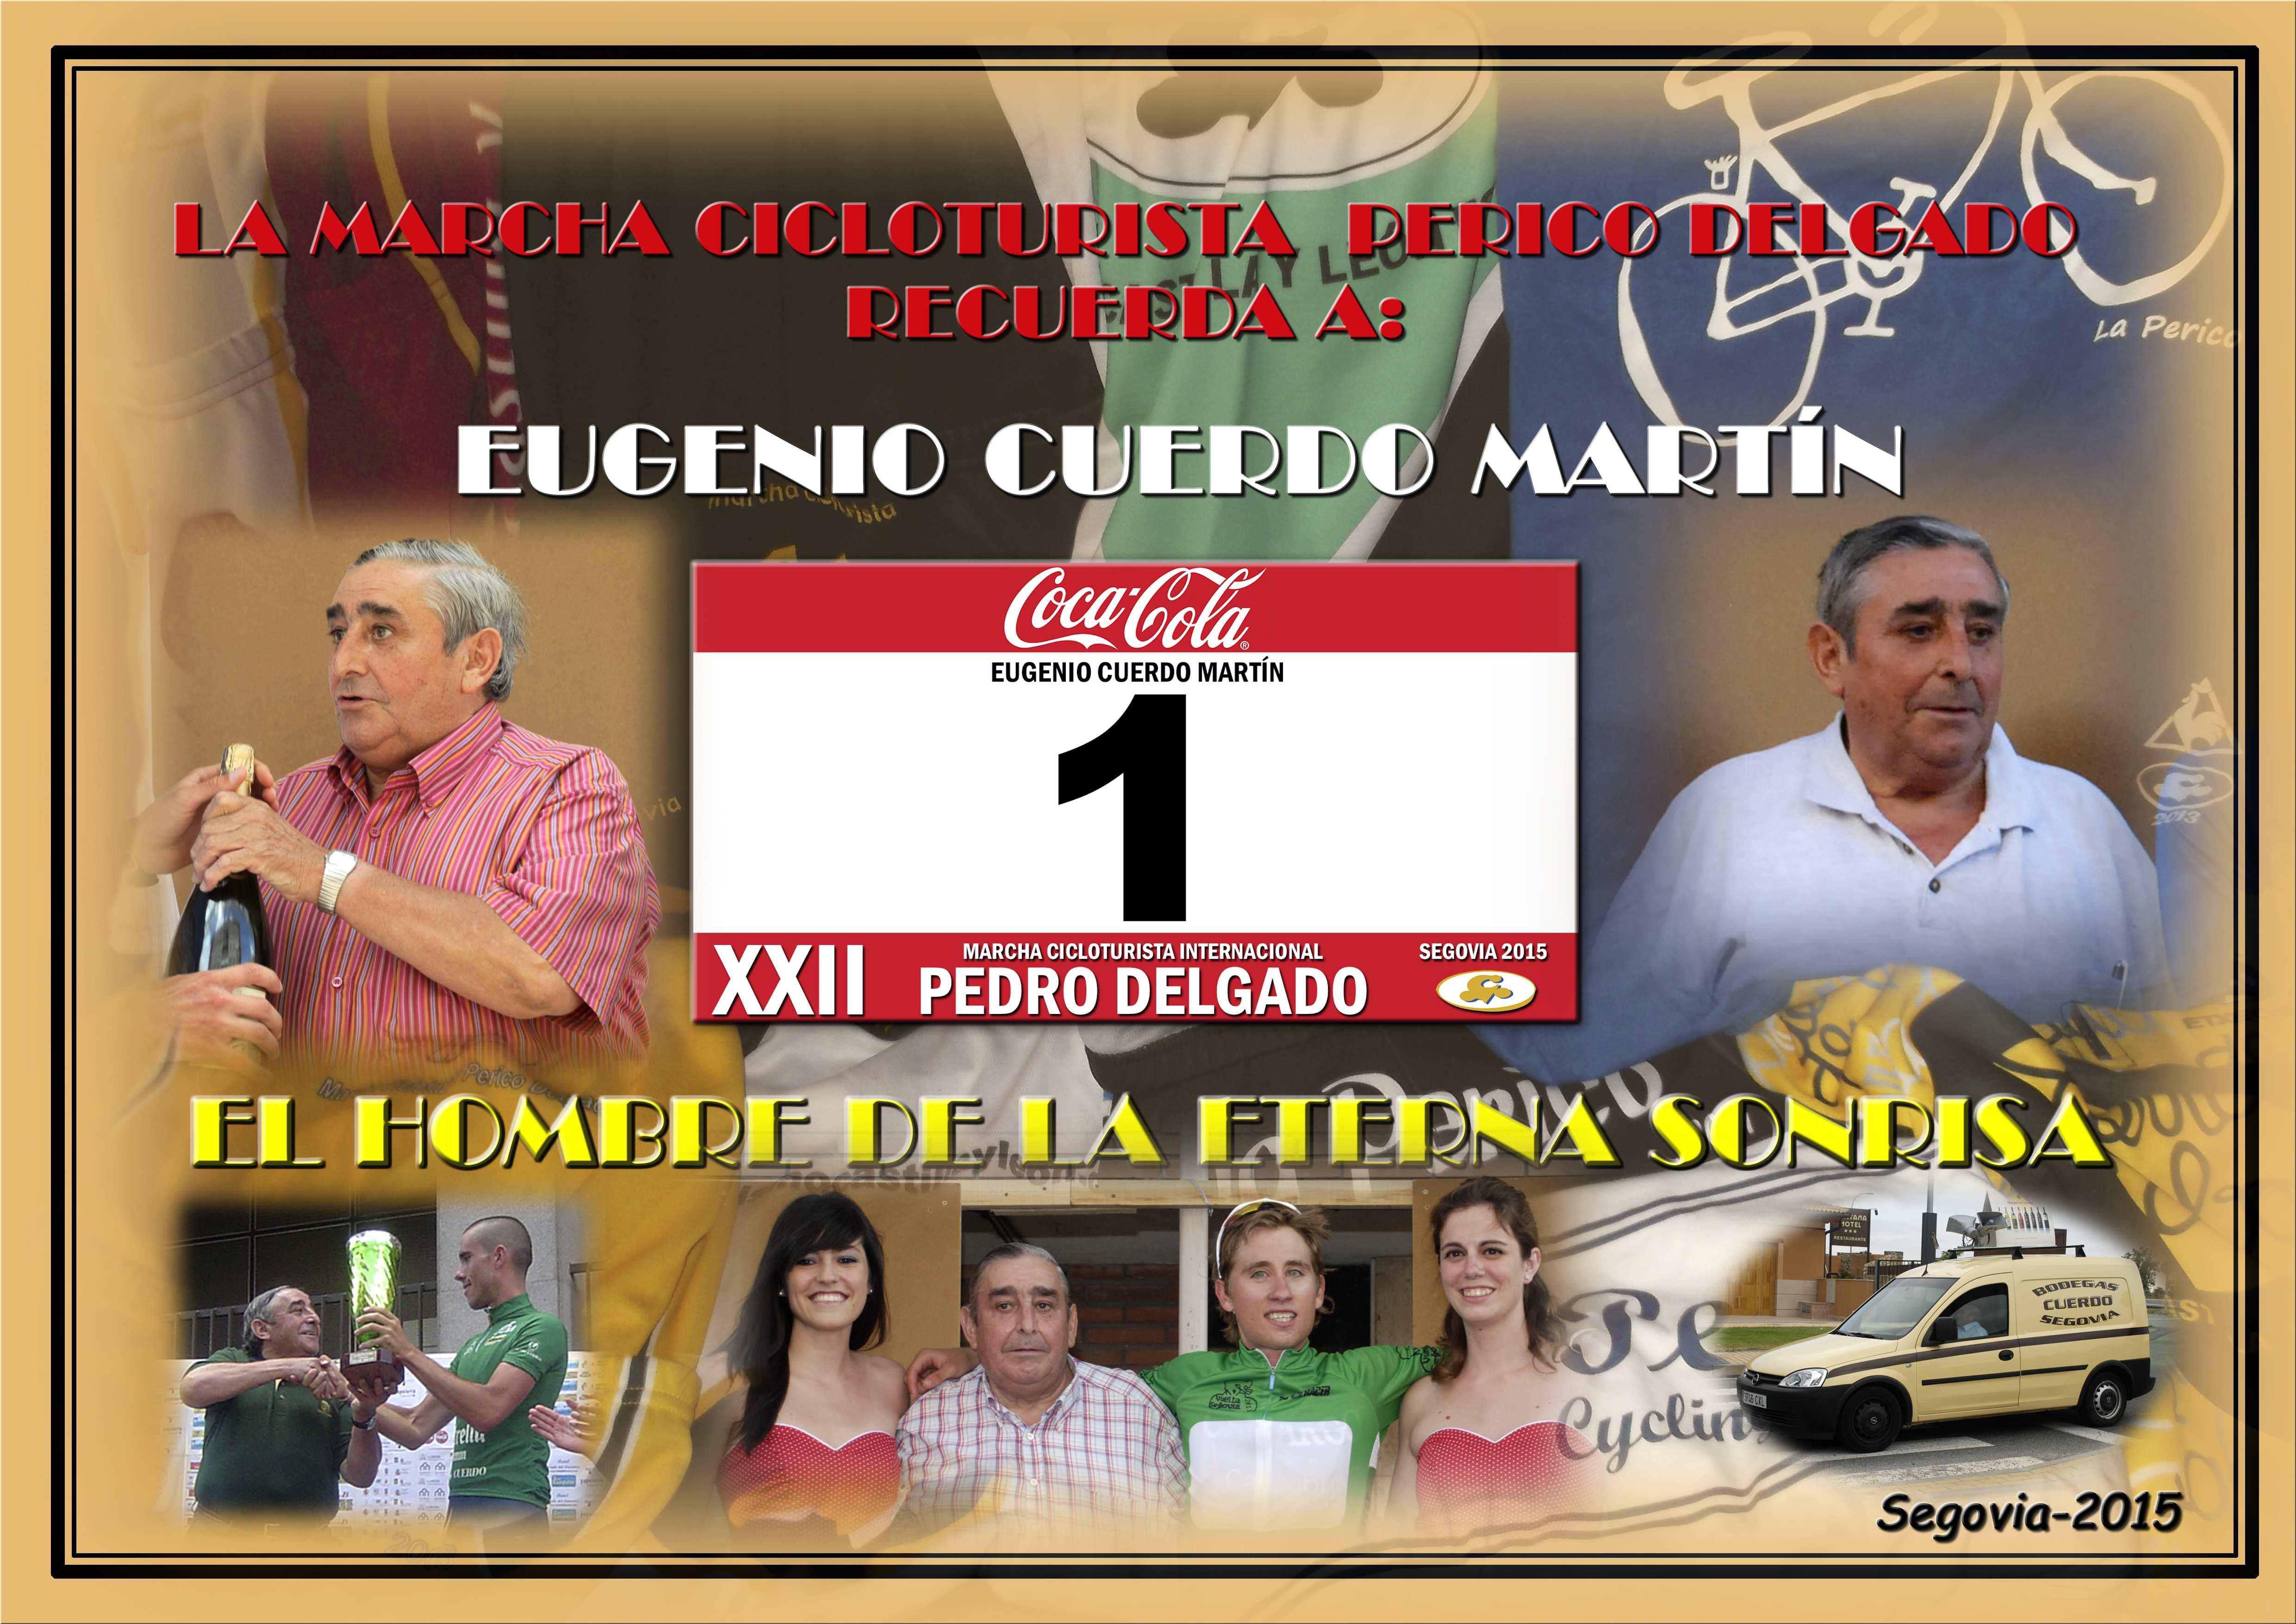 Homenaje a Don Eugenio Cuerdo en la Marcha Cicloturista Internacional Pedro Delgado (2015)